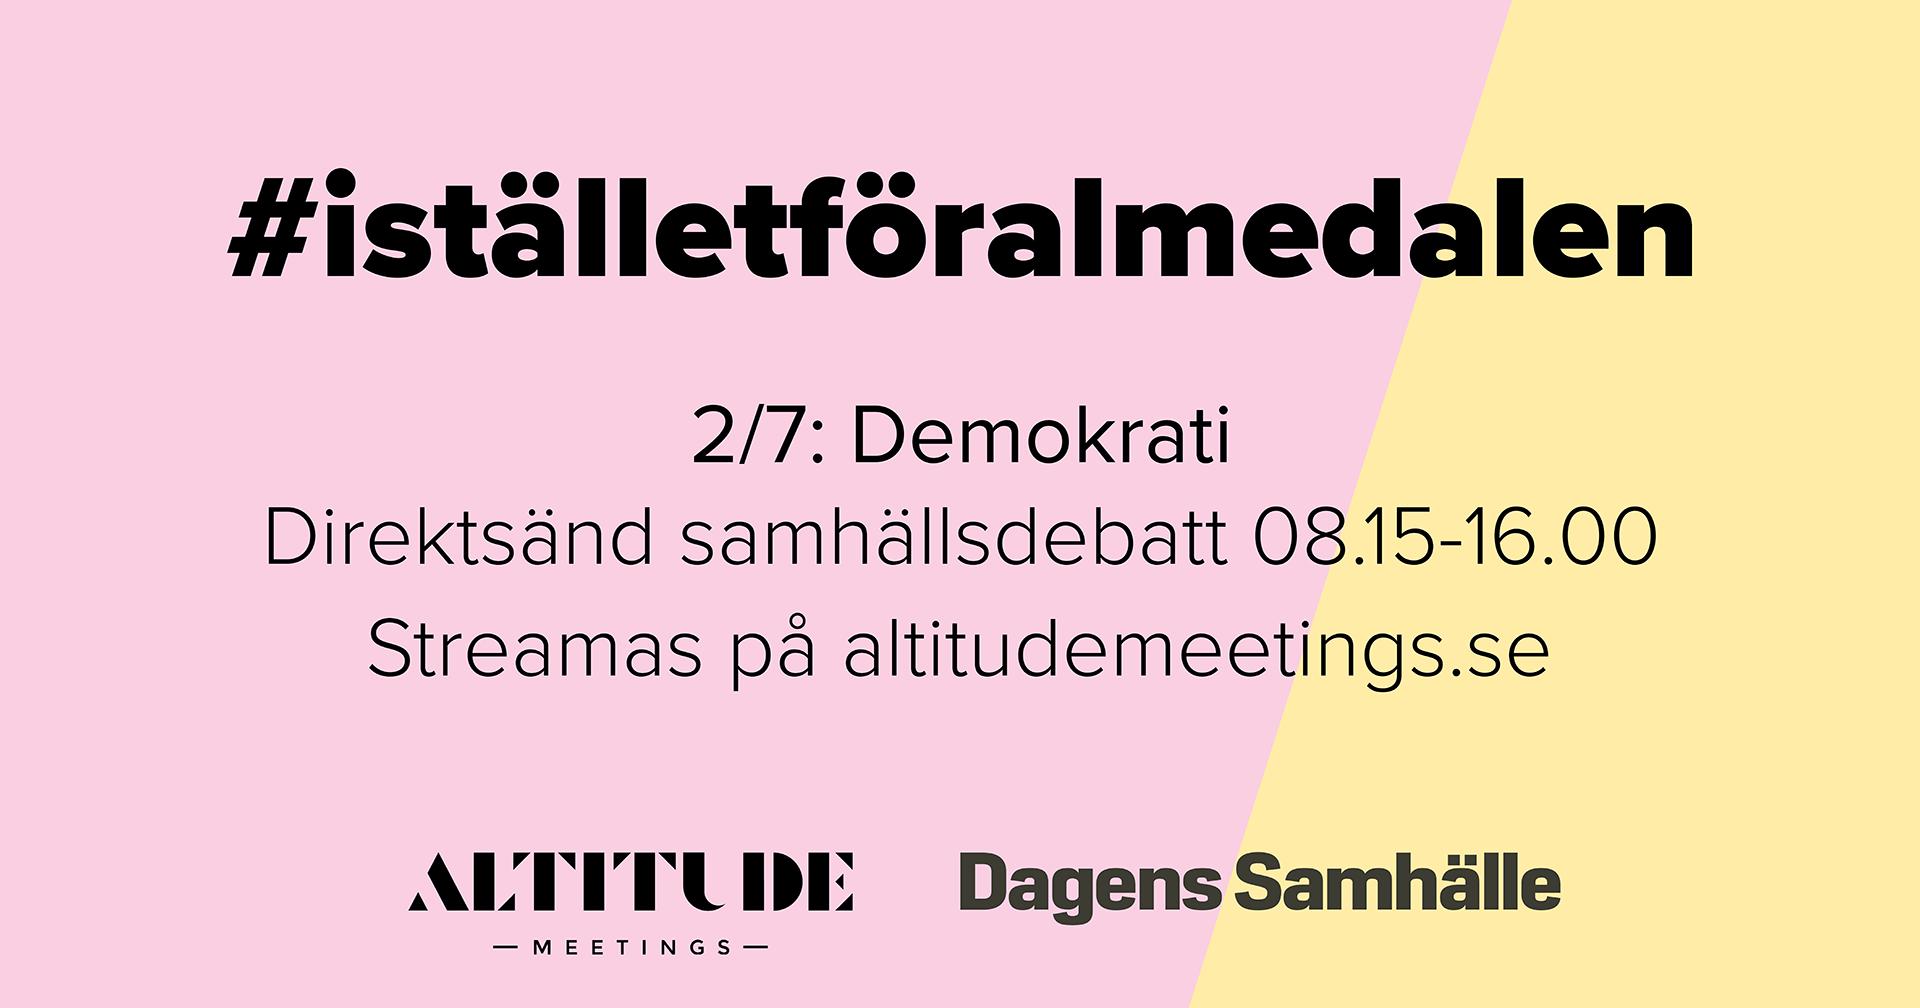 picture for #iställetföralmedalen